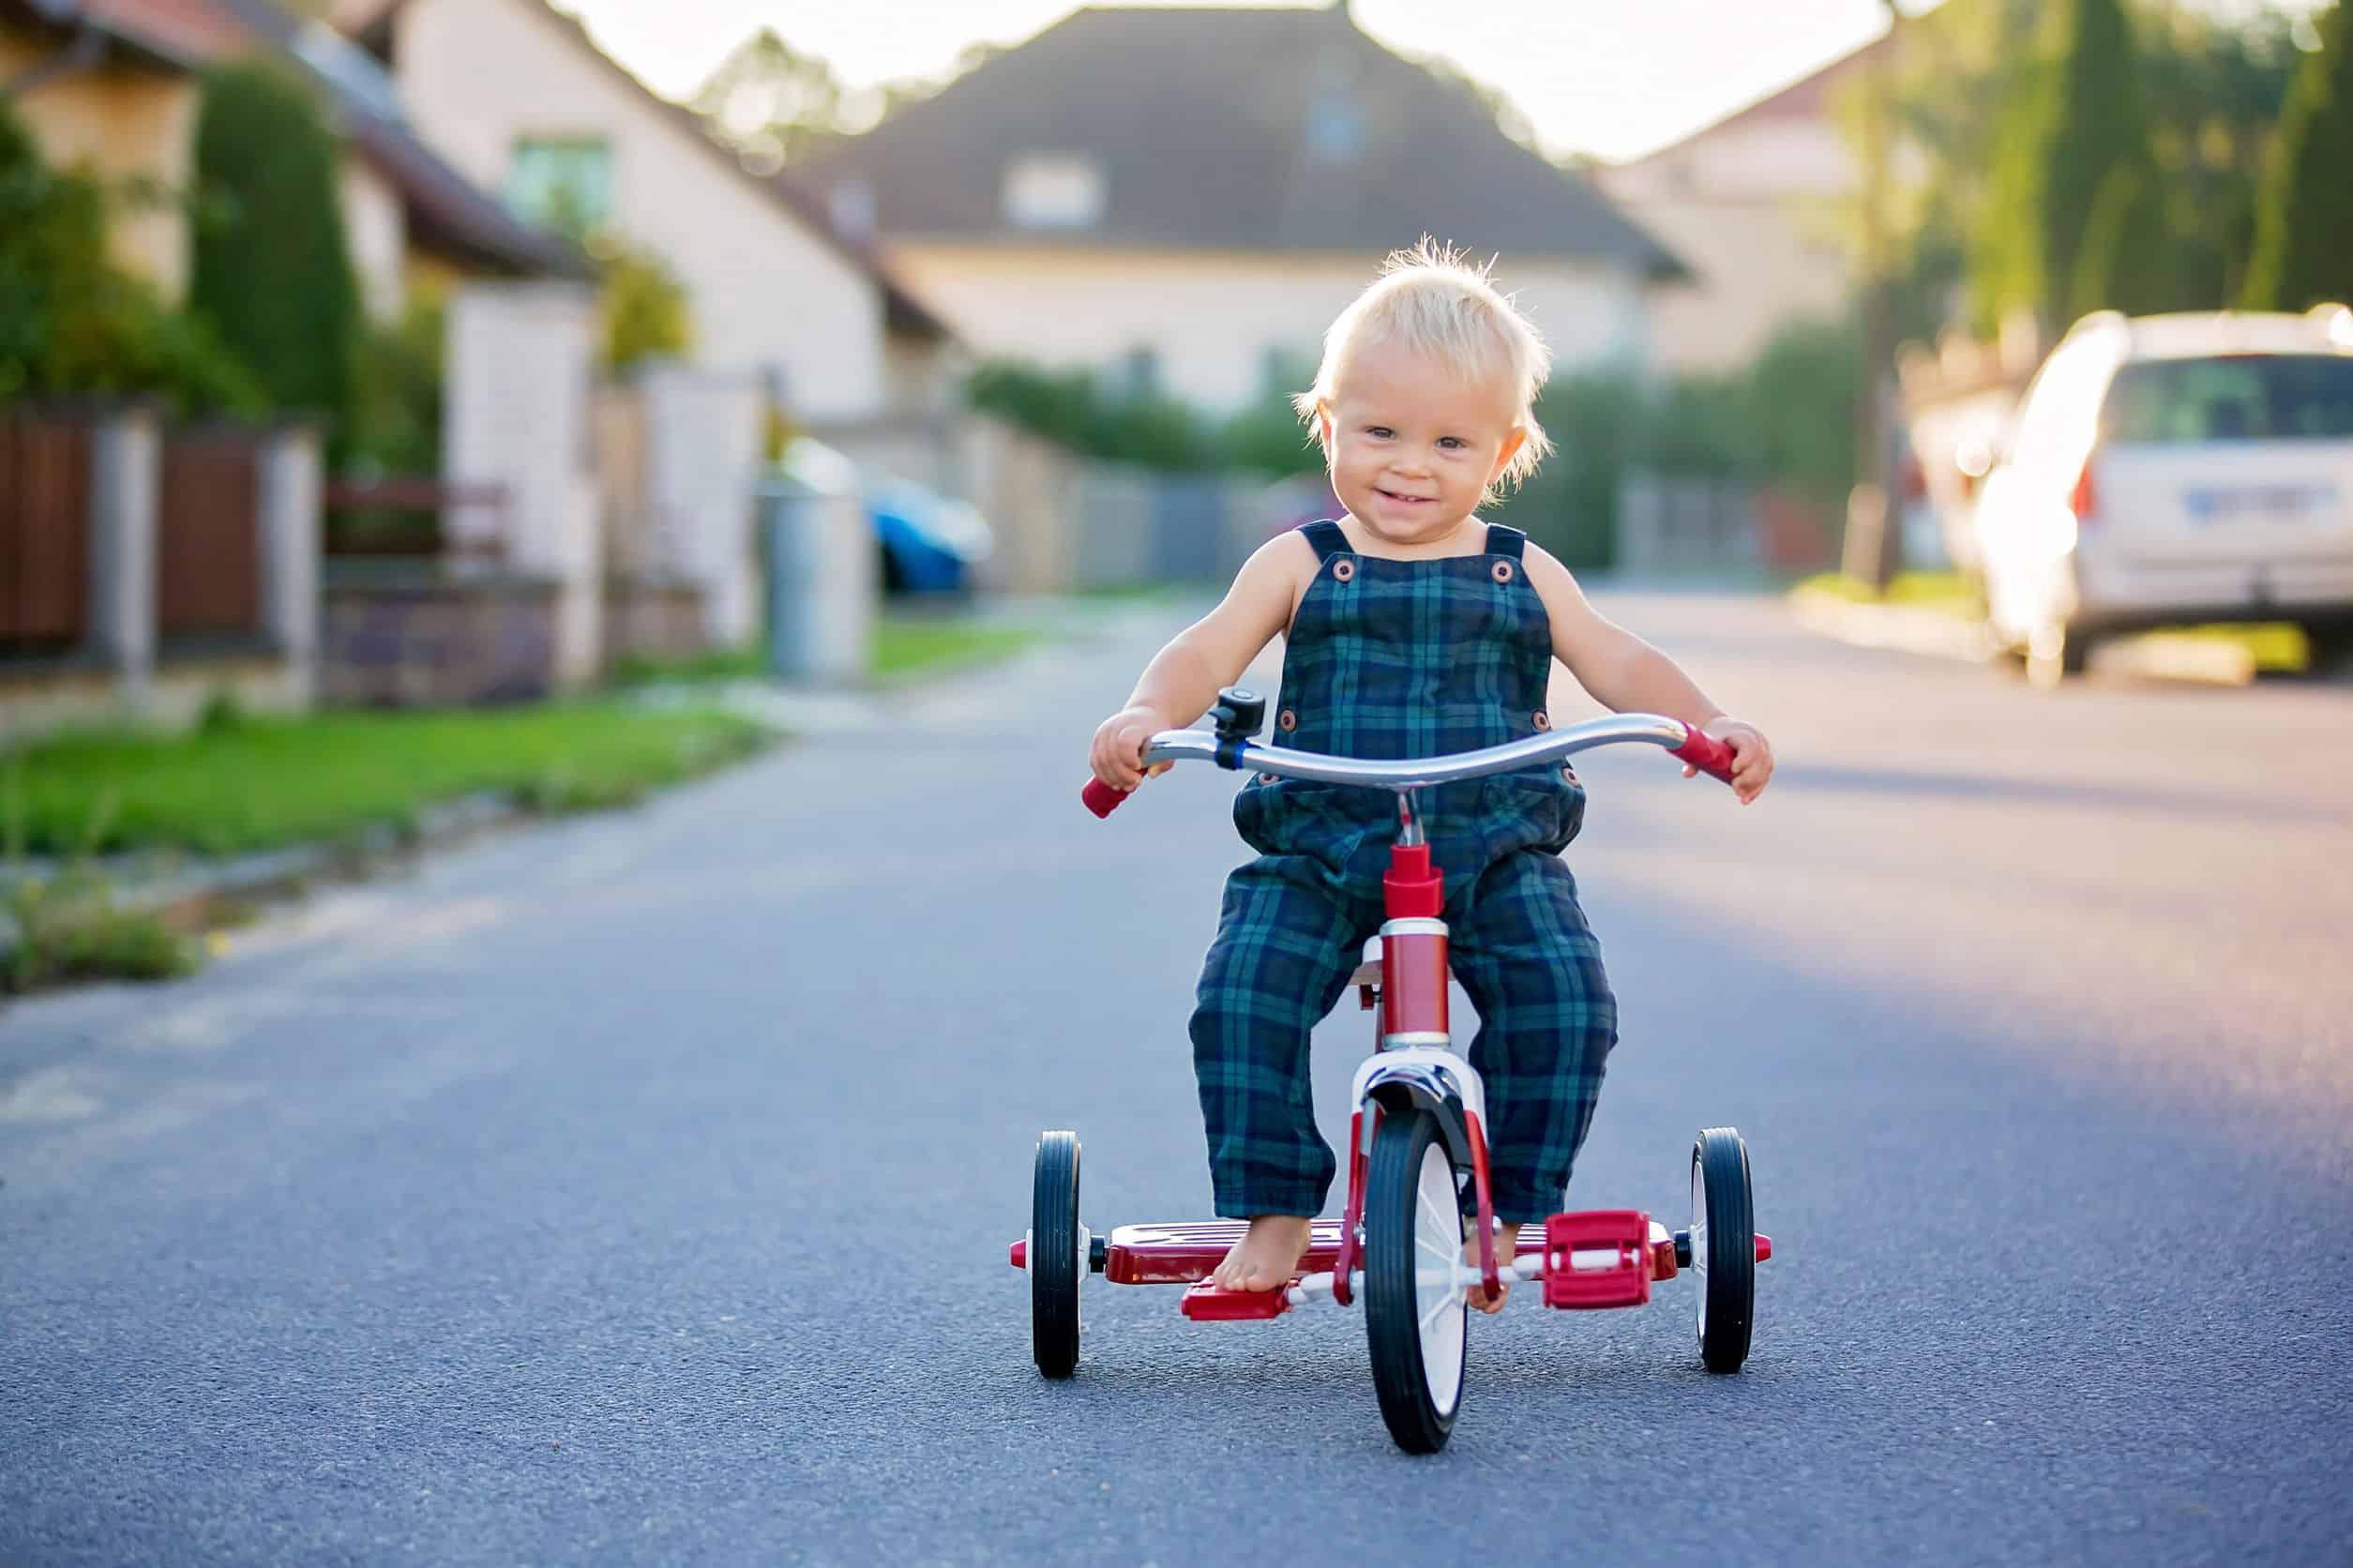 Criança pedalando no triciclo infantil na rua.